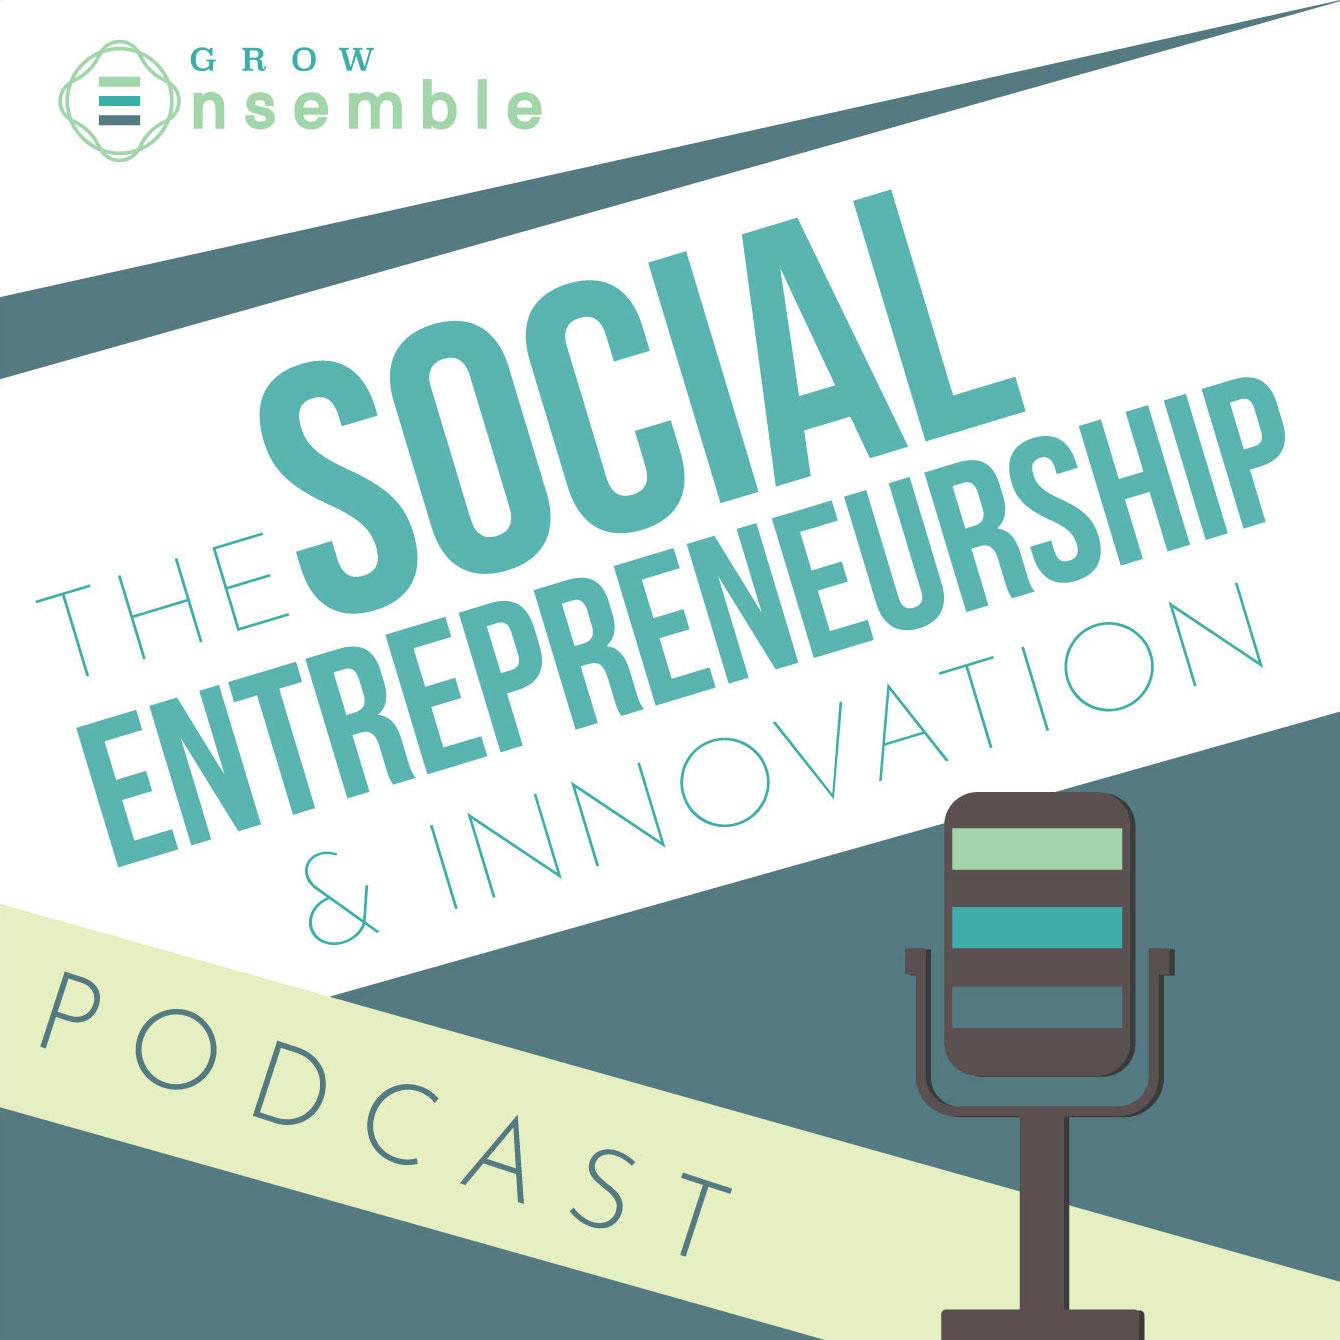 The Social Entrepreneurship & Innovation Podcast show art